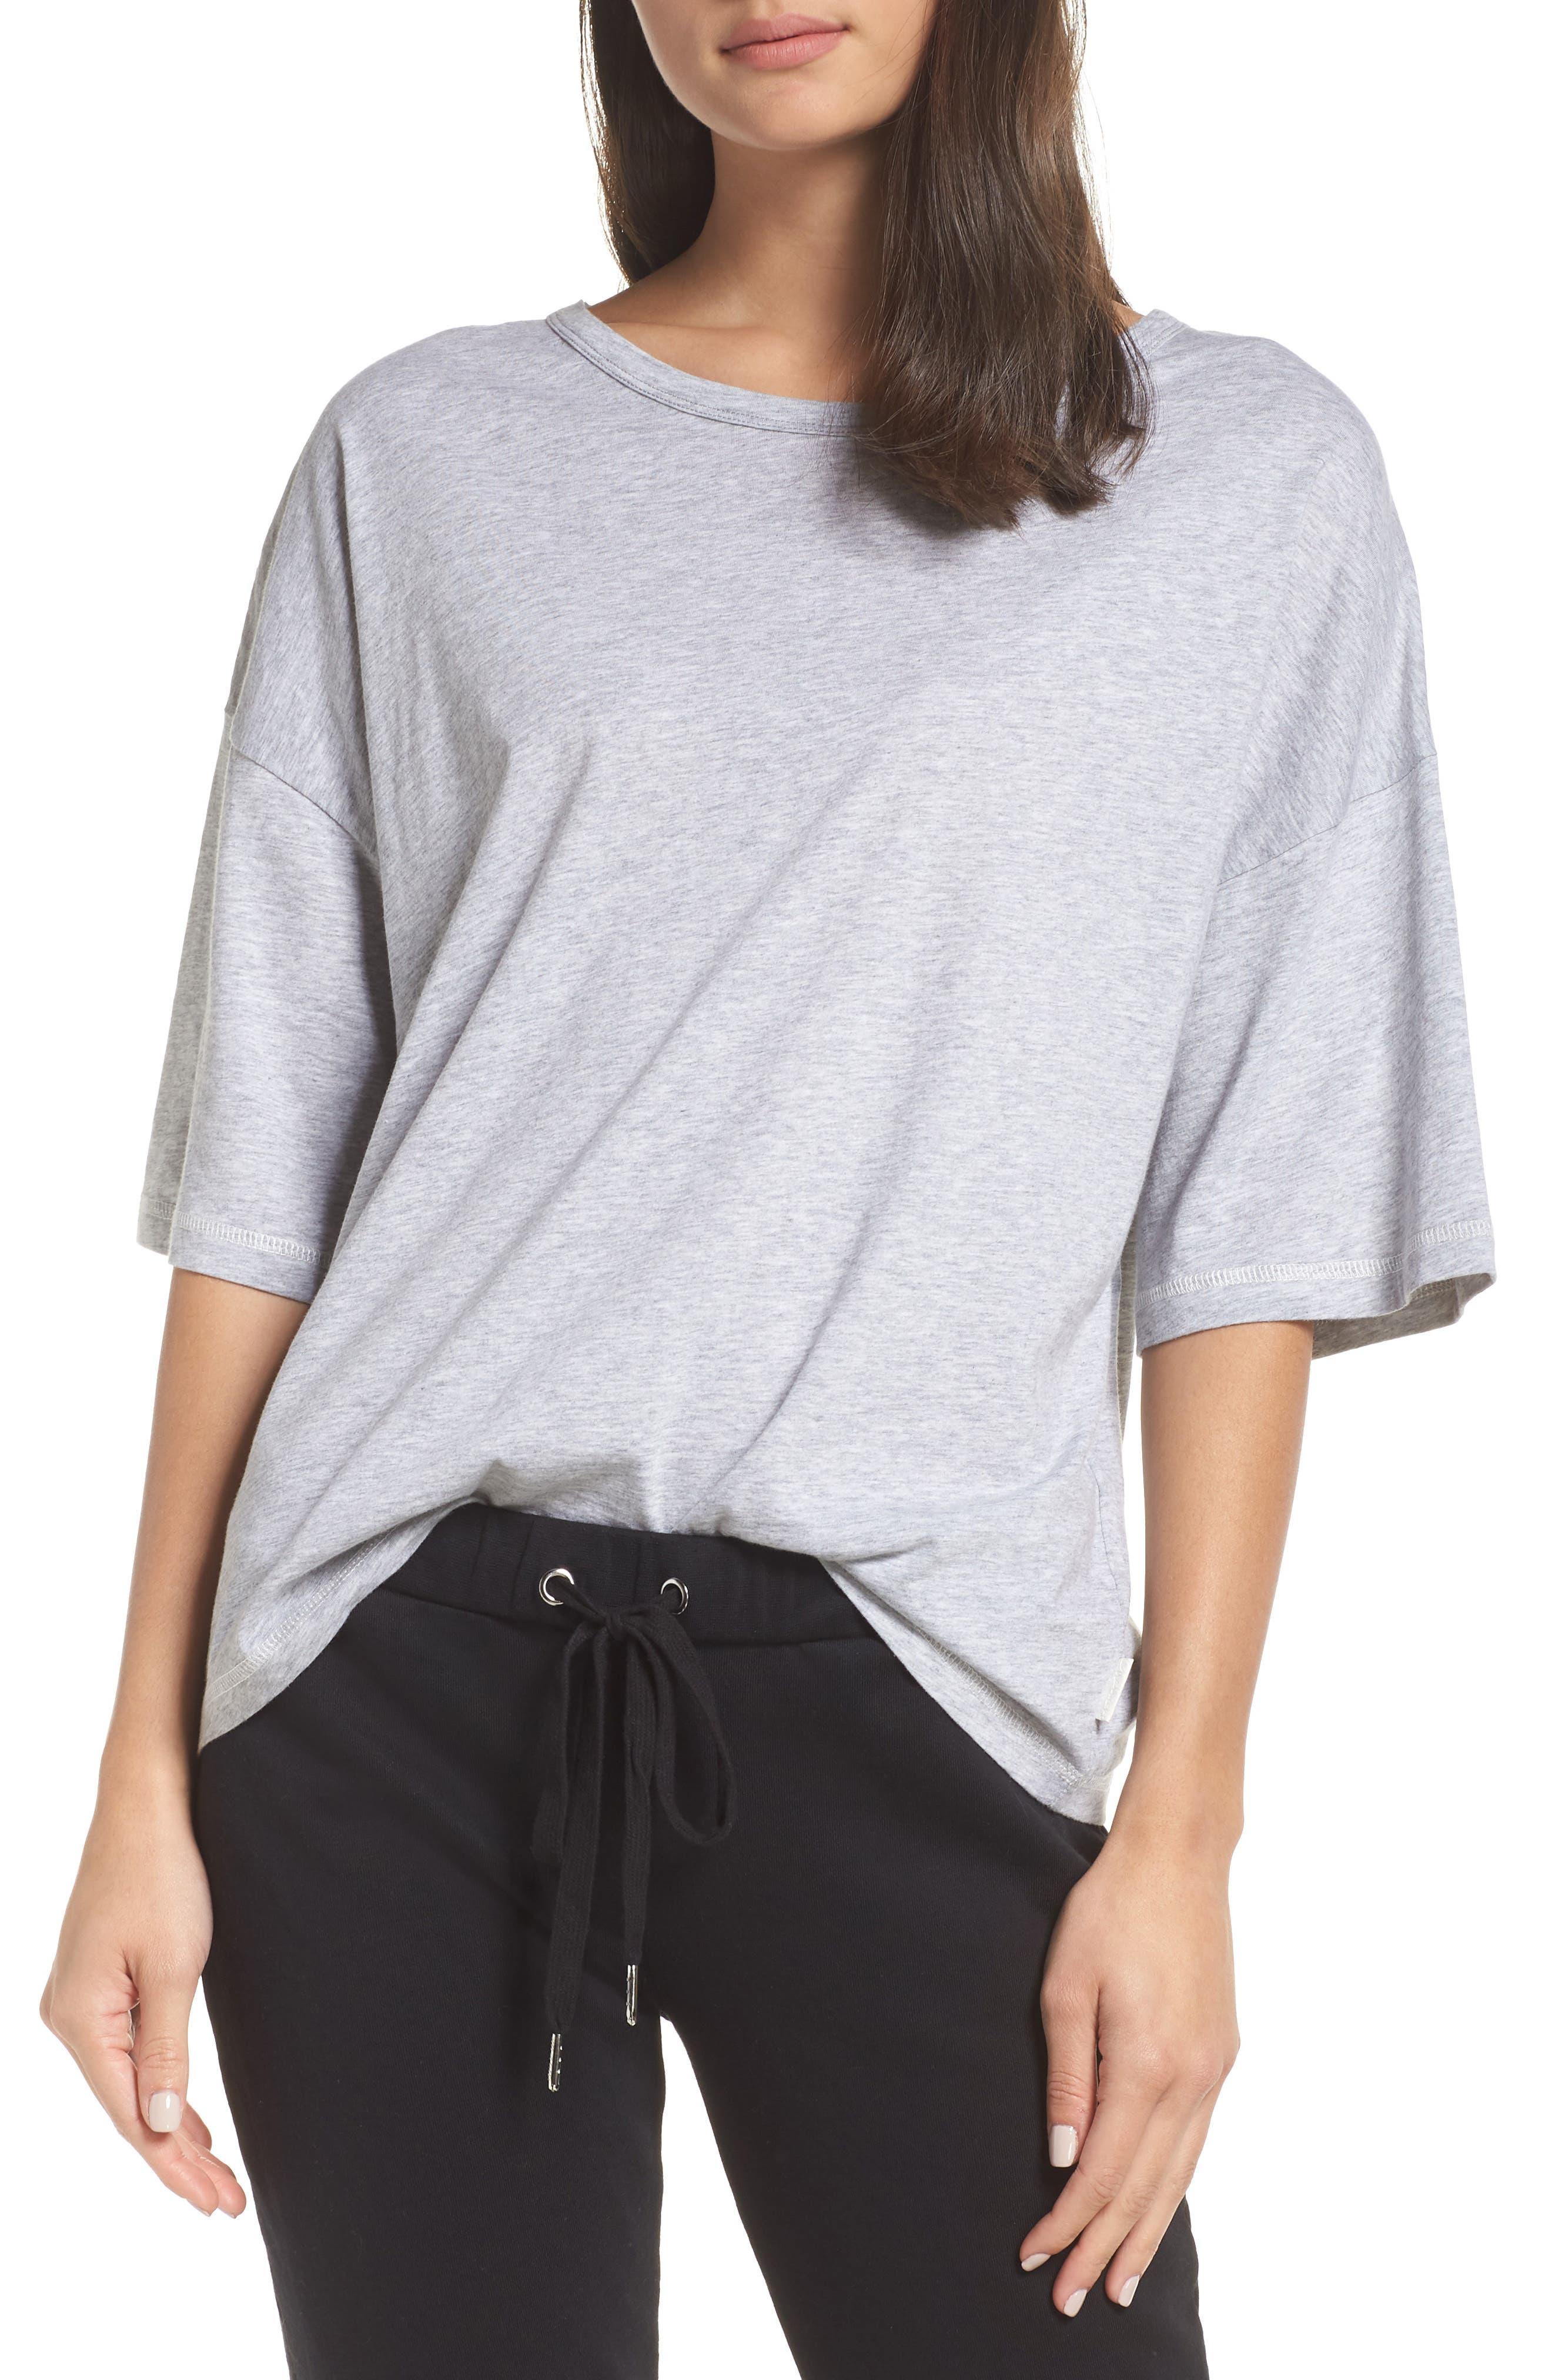 CHALMERS,                             Soph Lounge Shirt,                             Main thumbnail 1, color,                             SMOKE MARLE